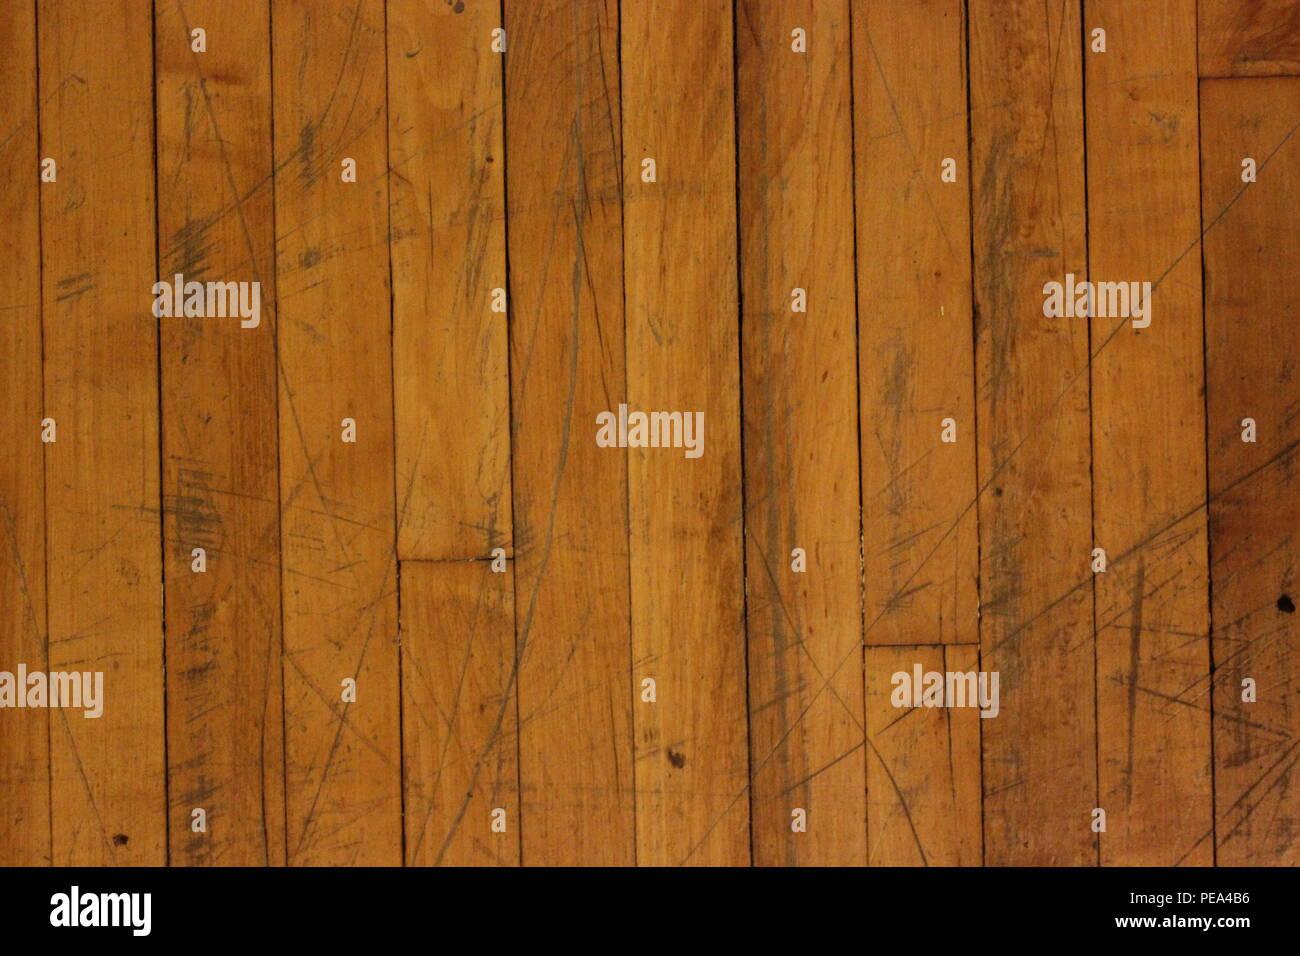 Holzfußboden Eiche ~ Vintage getragen antike eiche holz fußboden an architektonischen